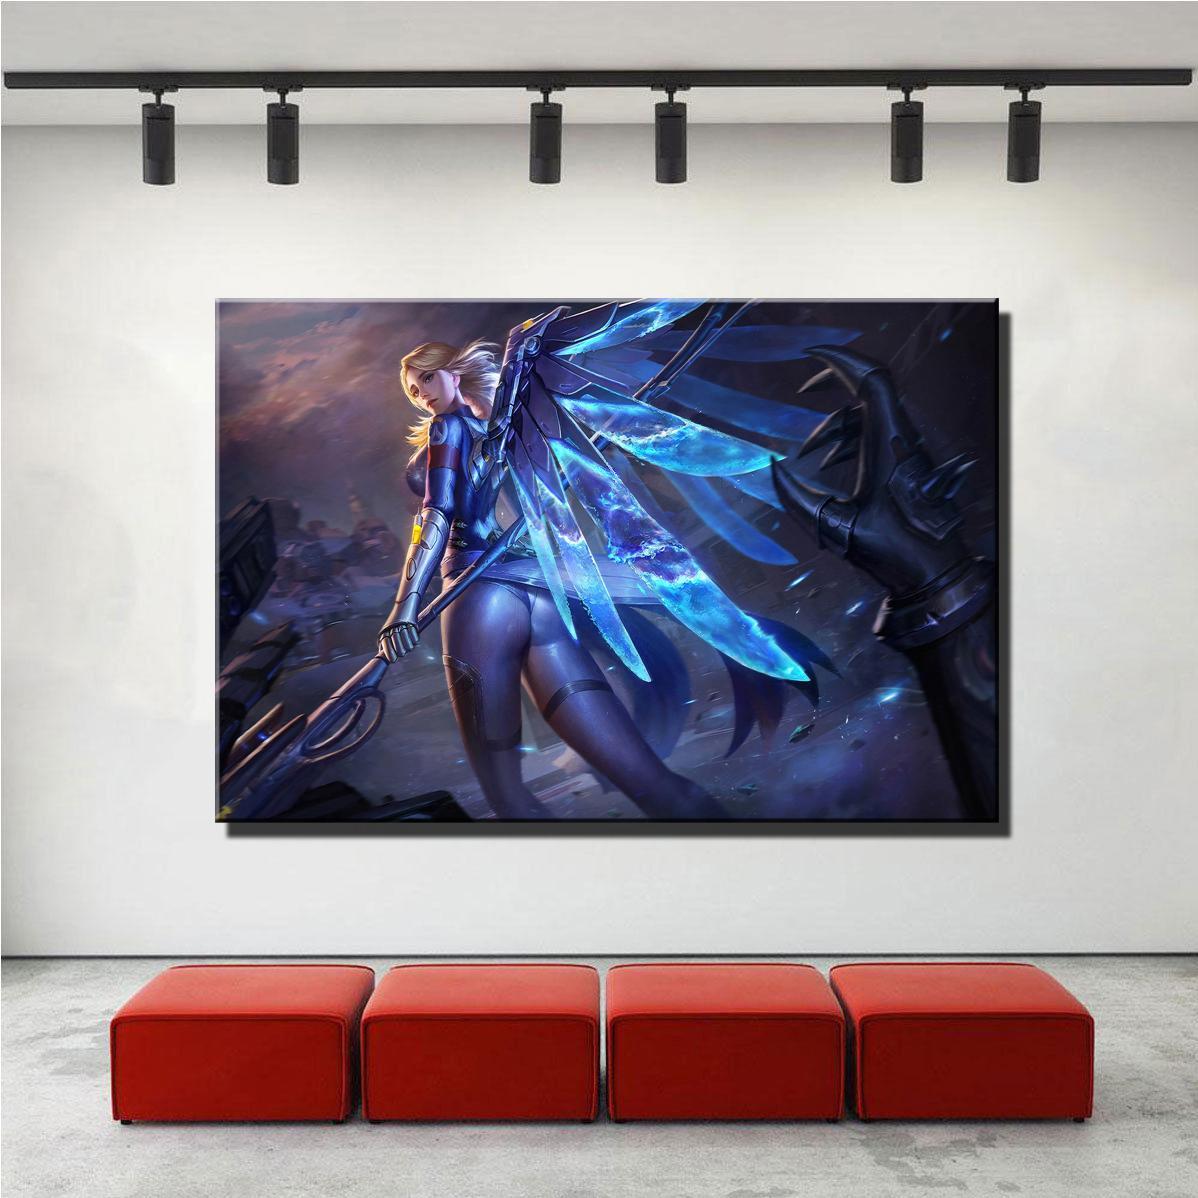 Regarder Pioneer, Décoration d'intérieur Imprimé HD Peinture Art moderne sur la toile, 1 Pièces (Unframed / encadré)